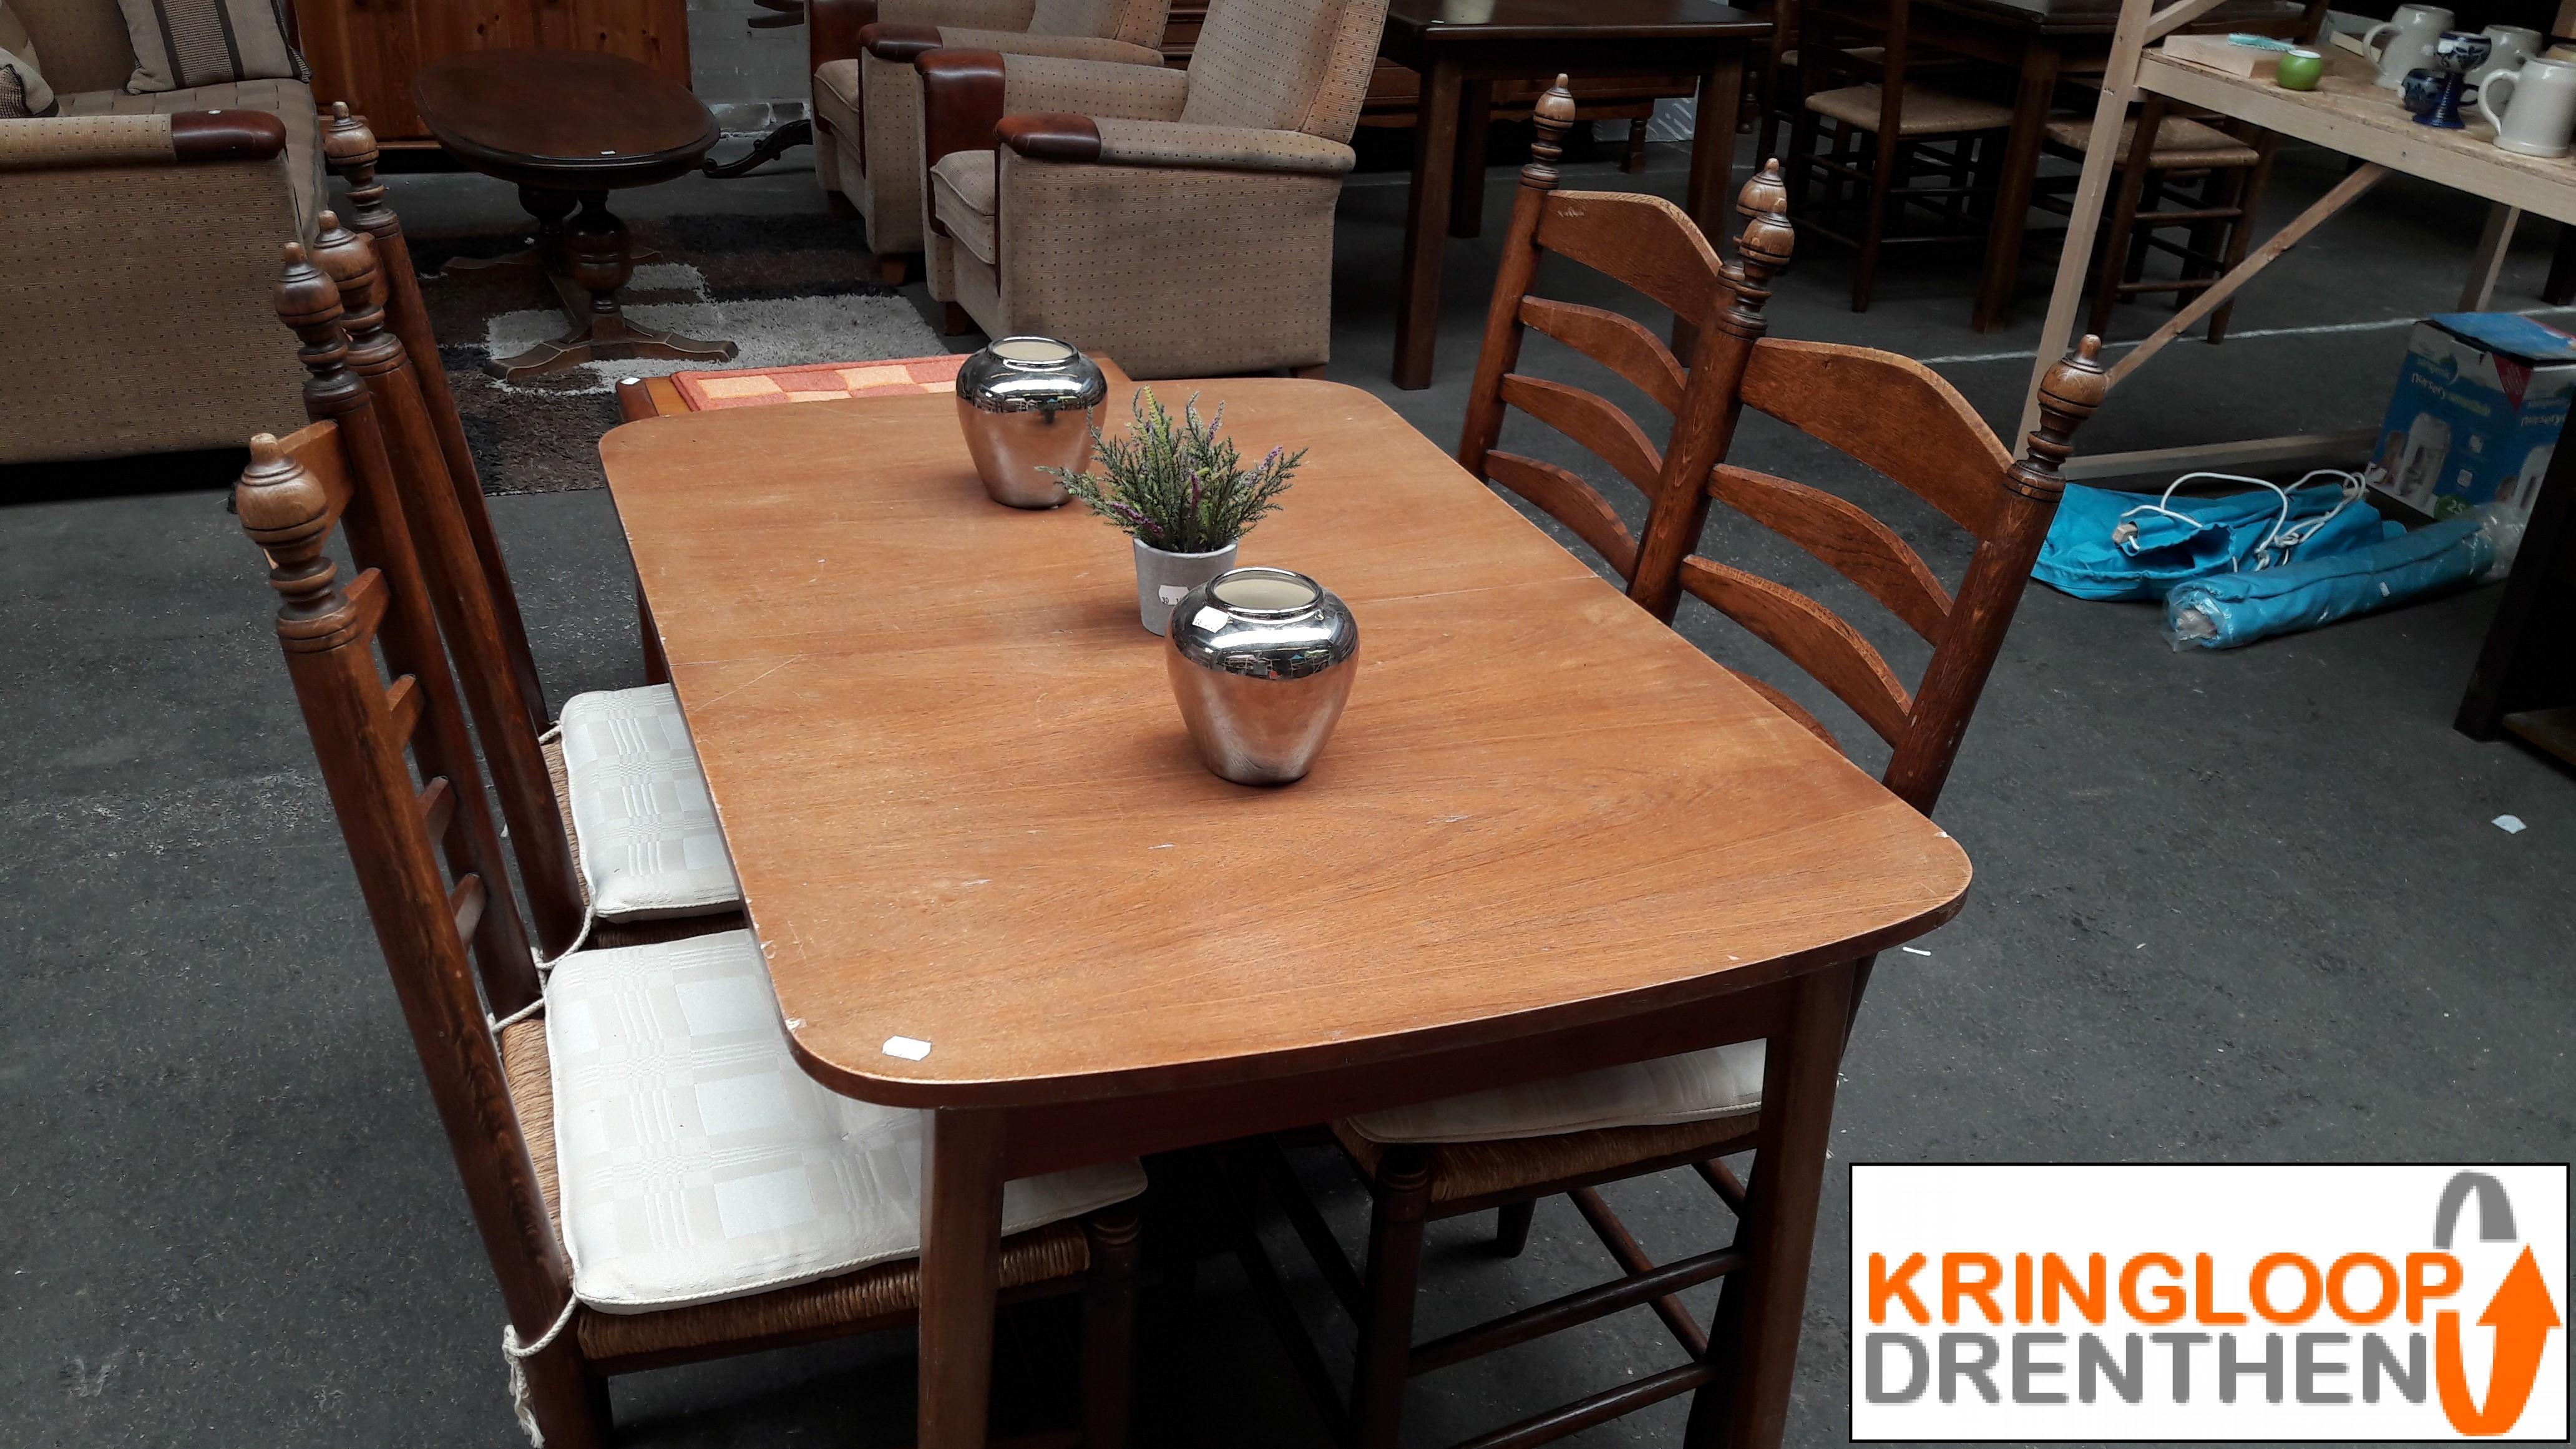 Te Koop Eettafel 4 Stoelen.Te Koop Uitschuifbare Eettafel Met 4 Stoelen Kringloop Drenthen